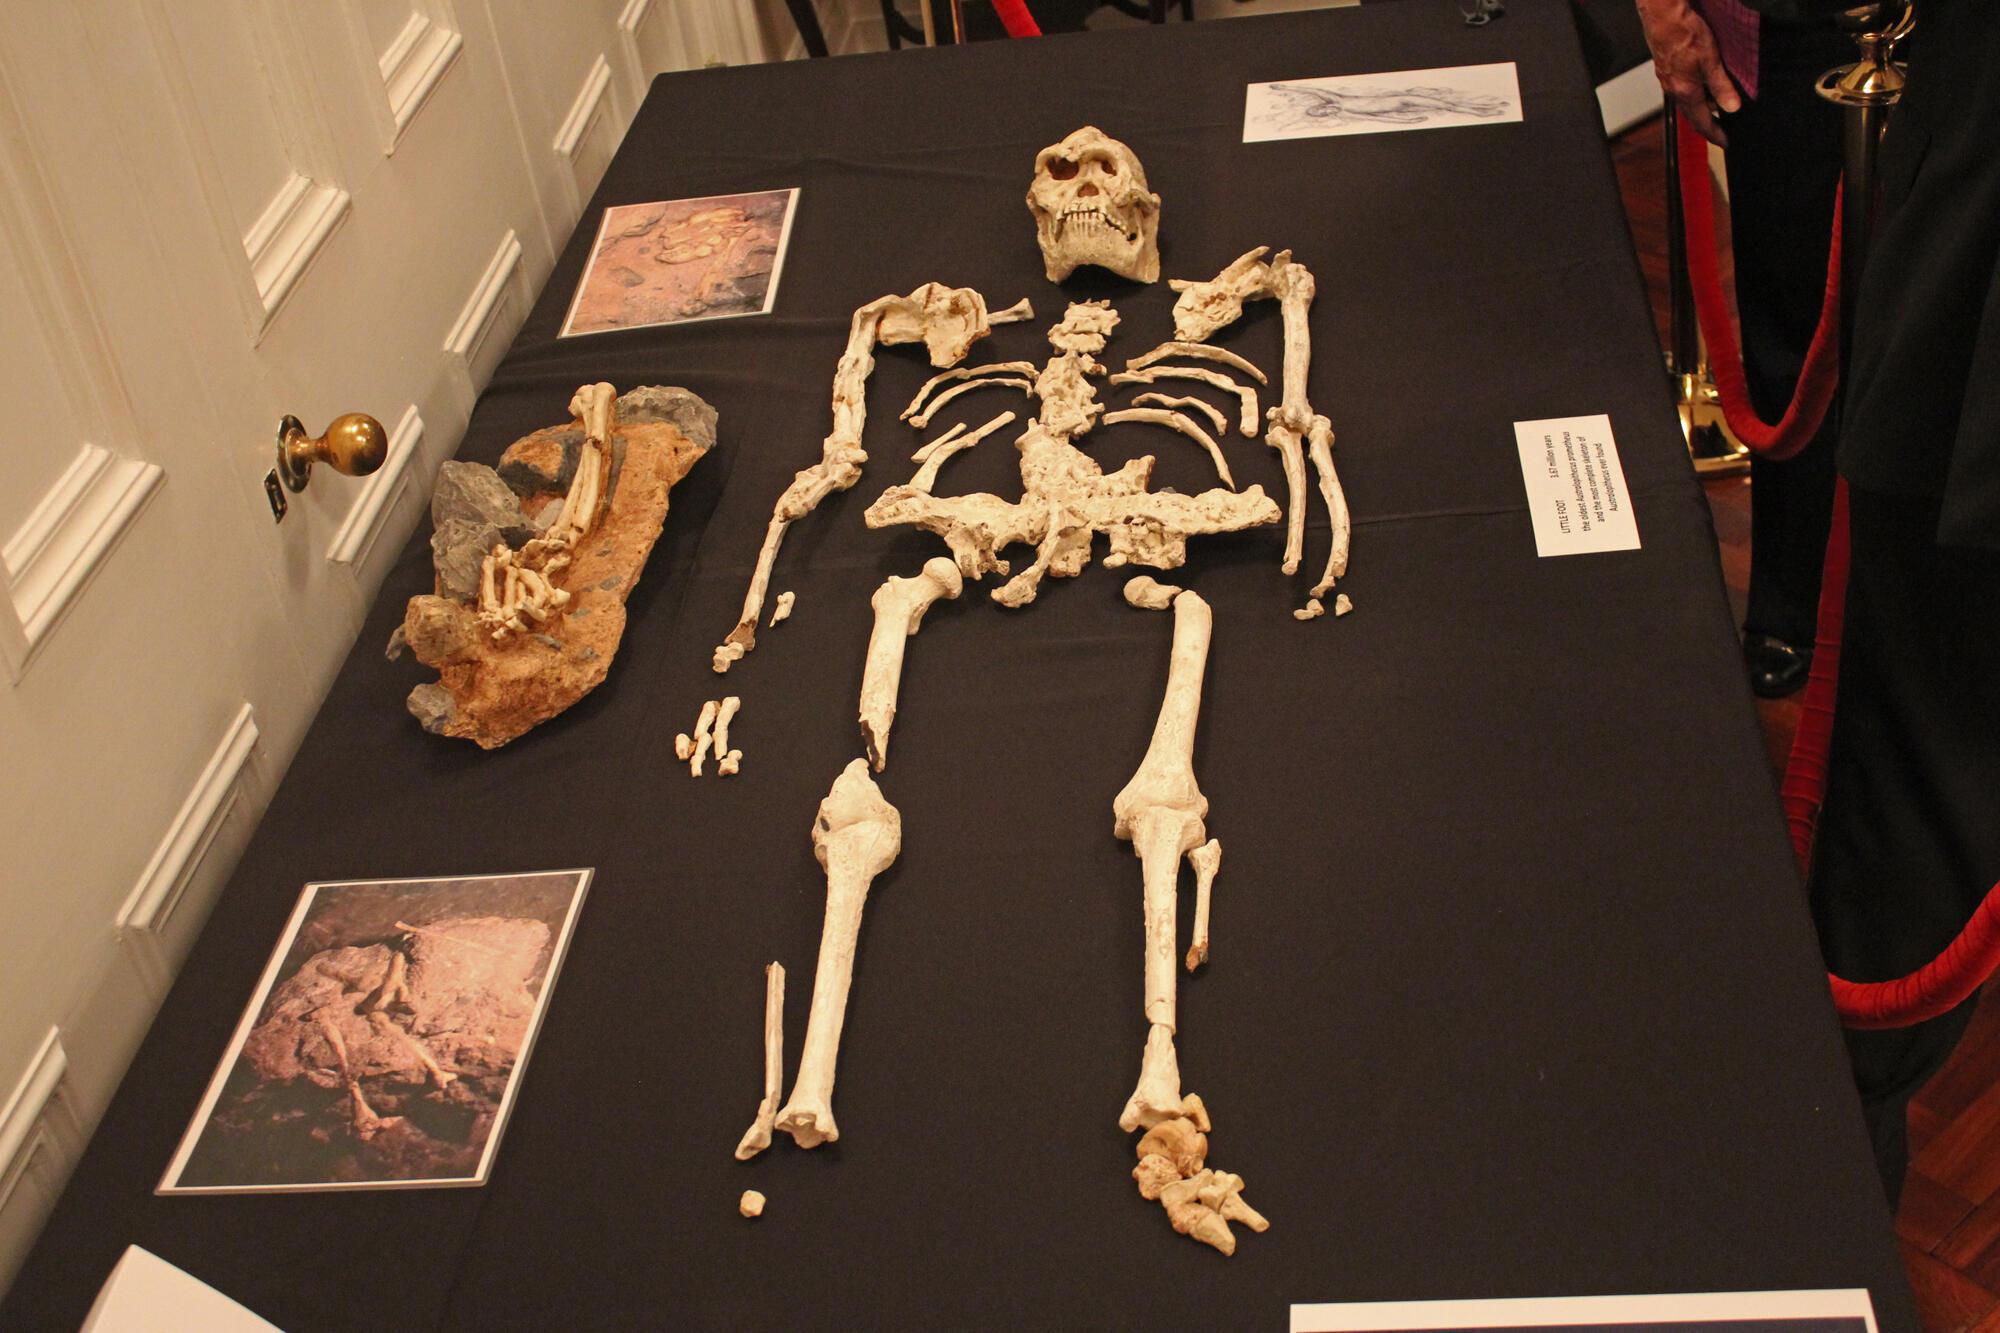 Little Foot était une femme, âgée d'une 30aine d'années, et mesurant un peu plus d'1m30. Elle est morte lors d'une chute dans la grotte.